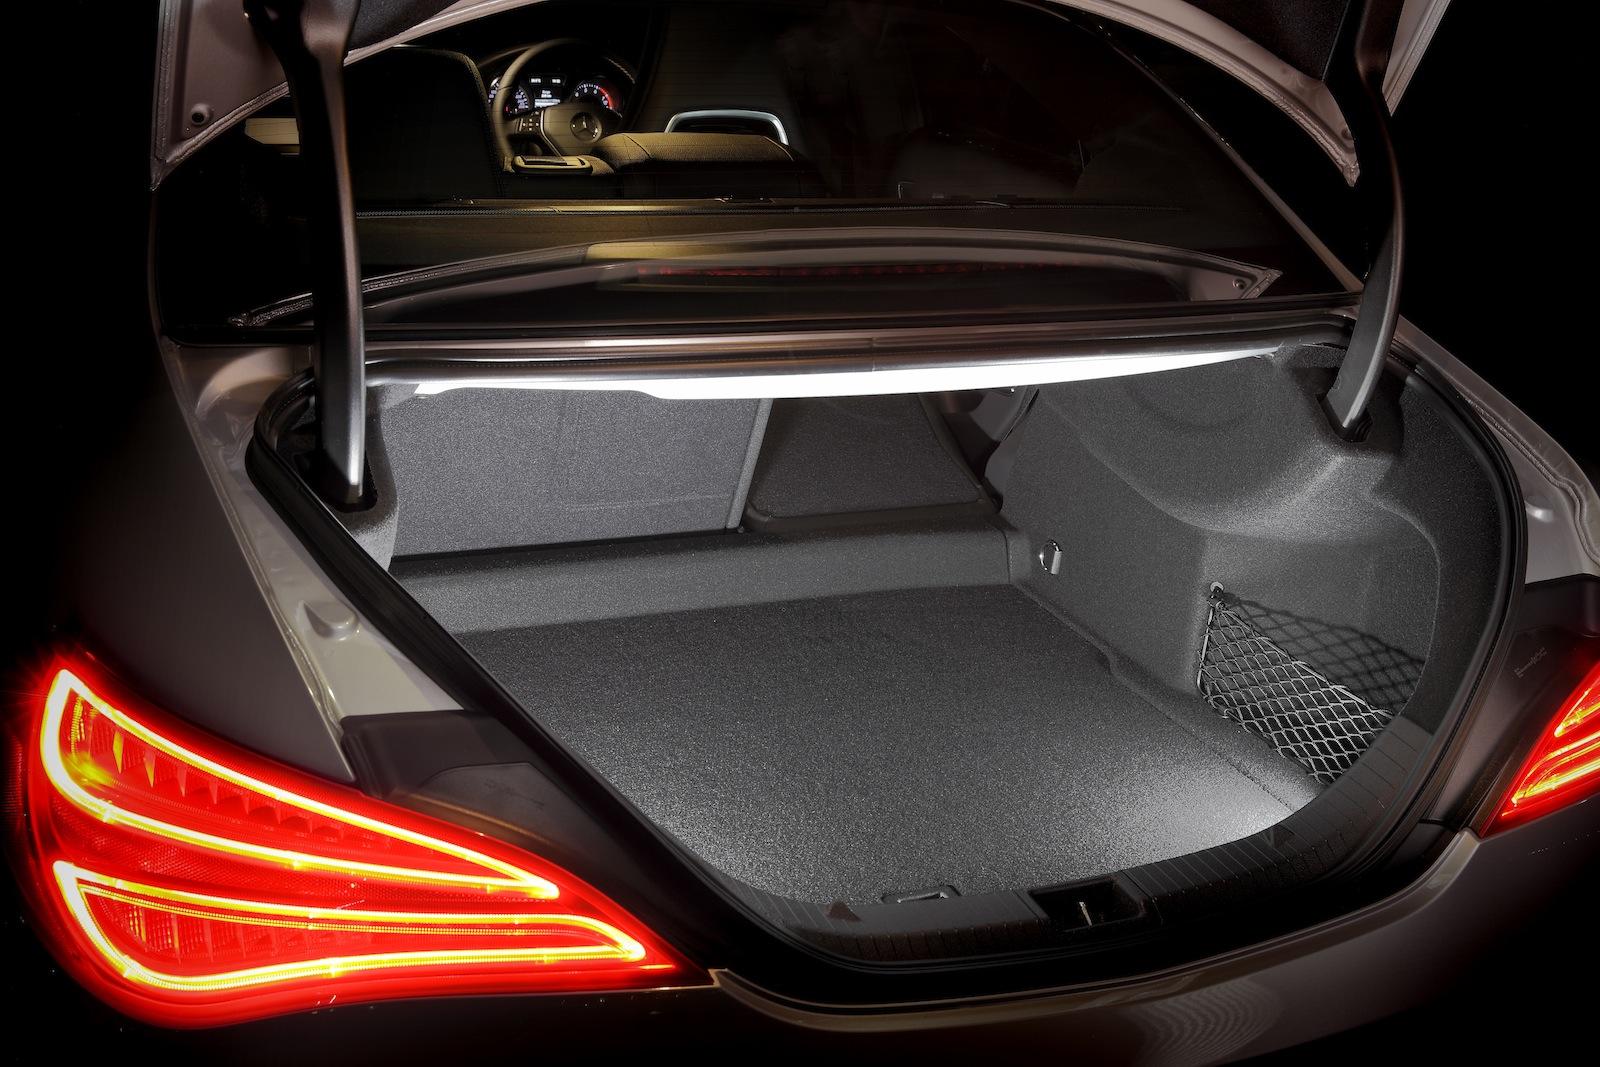 Mercedes Benz Cla >> Mercedes-Benz CLA-Class Review: CLA200 - photos | CarAdvice